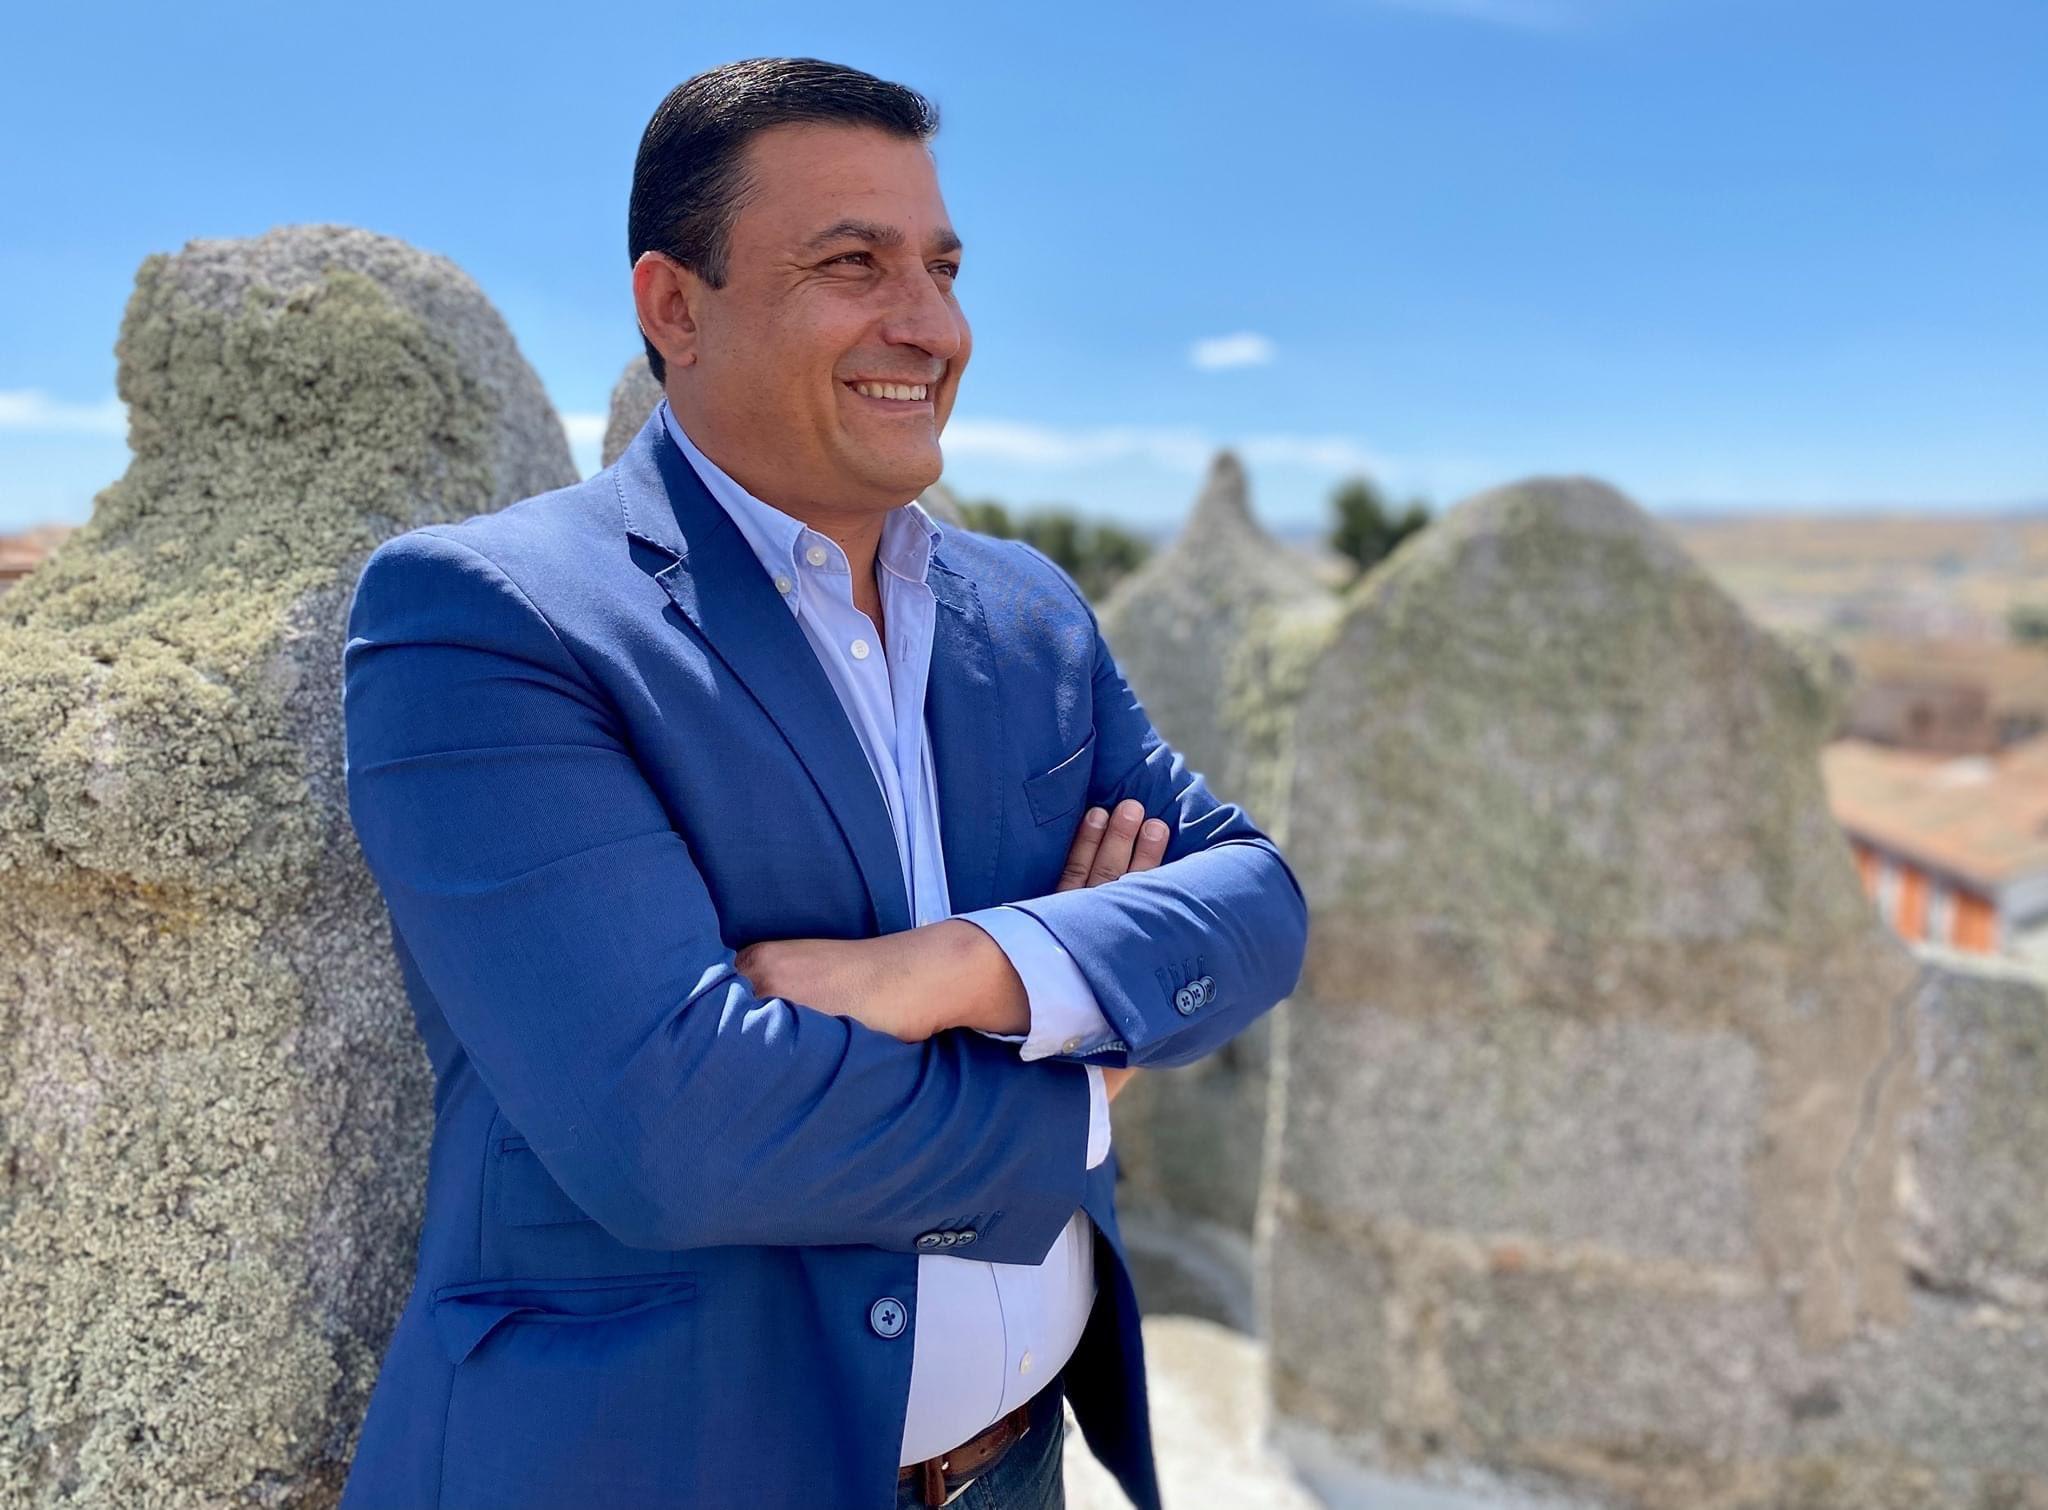 Carlos García, presidente de Diputación de Ávila. Fuente: Cuenta en Twitter https://twitter.com/CarlosGarcia_PP